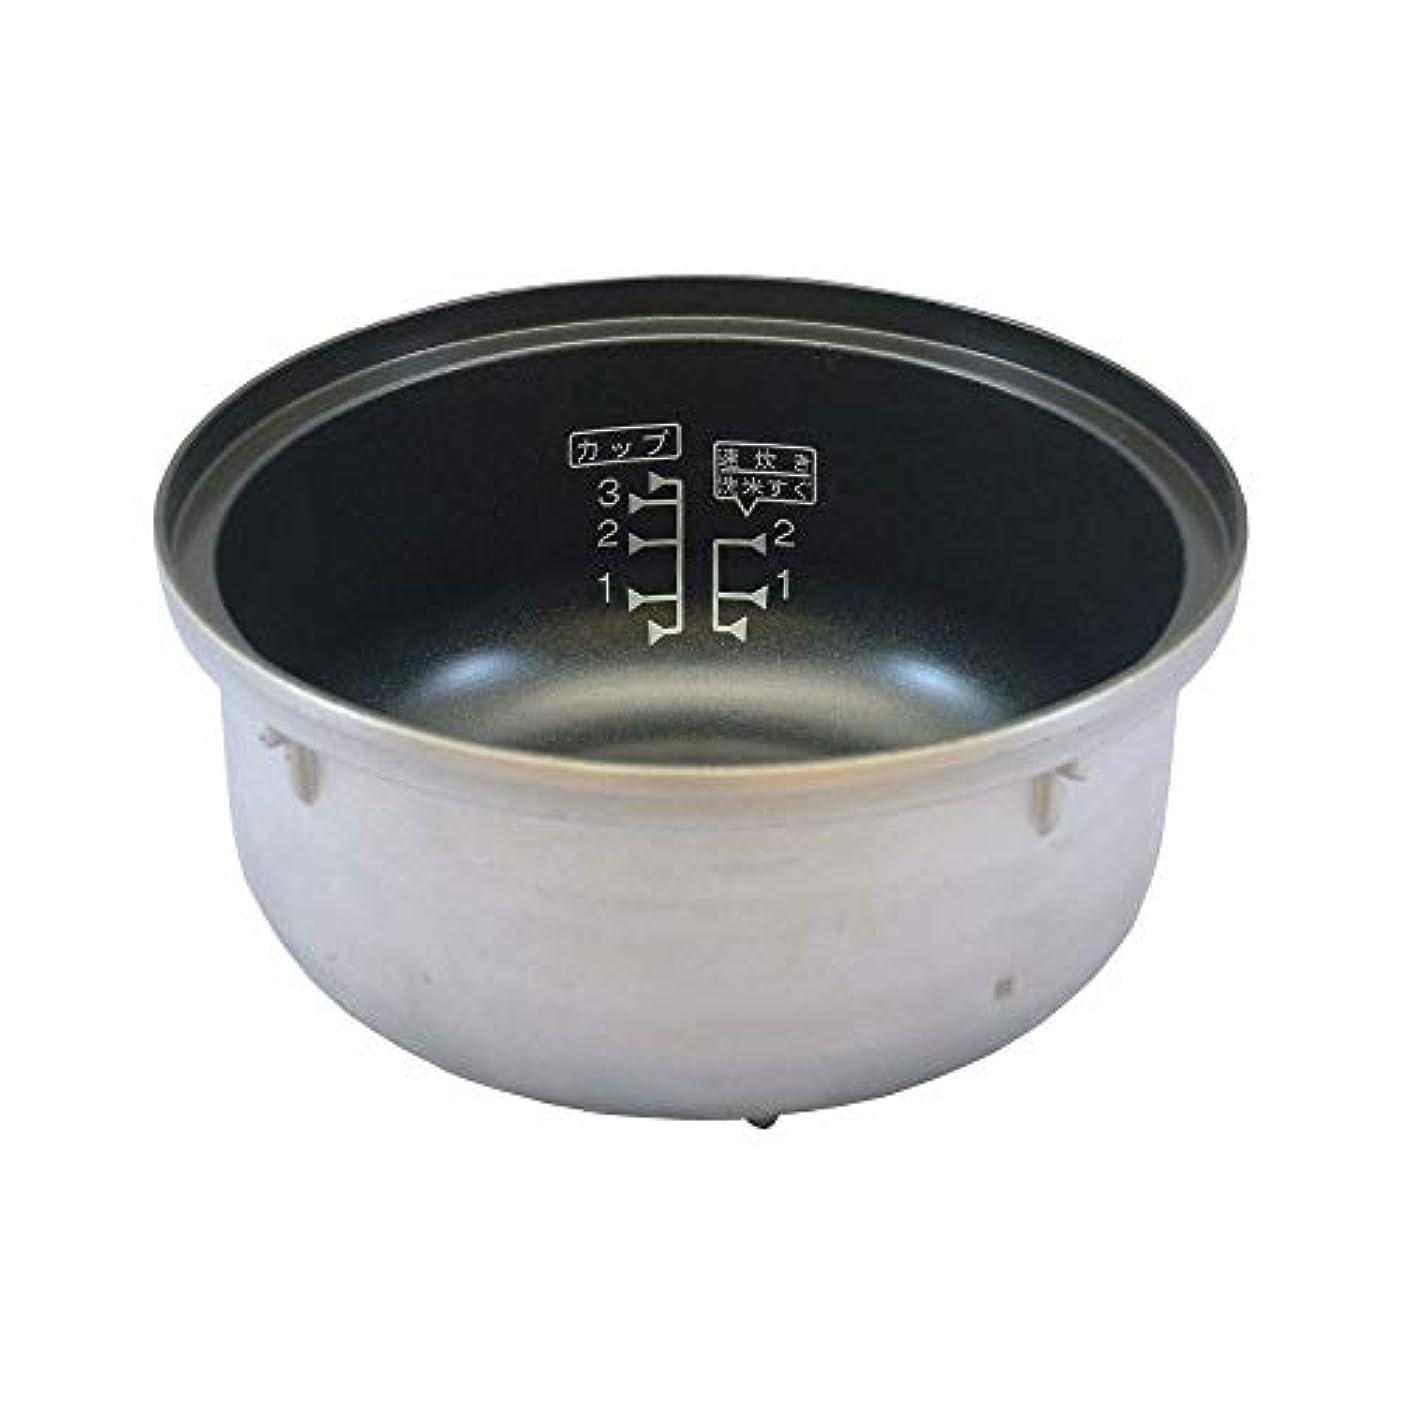 滅びる醸造所金貸しリンナイ ガス炊飯器専用部品 炊飯内釜(3合) 077-204-000